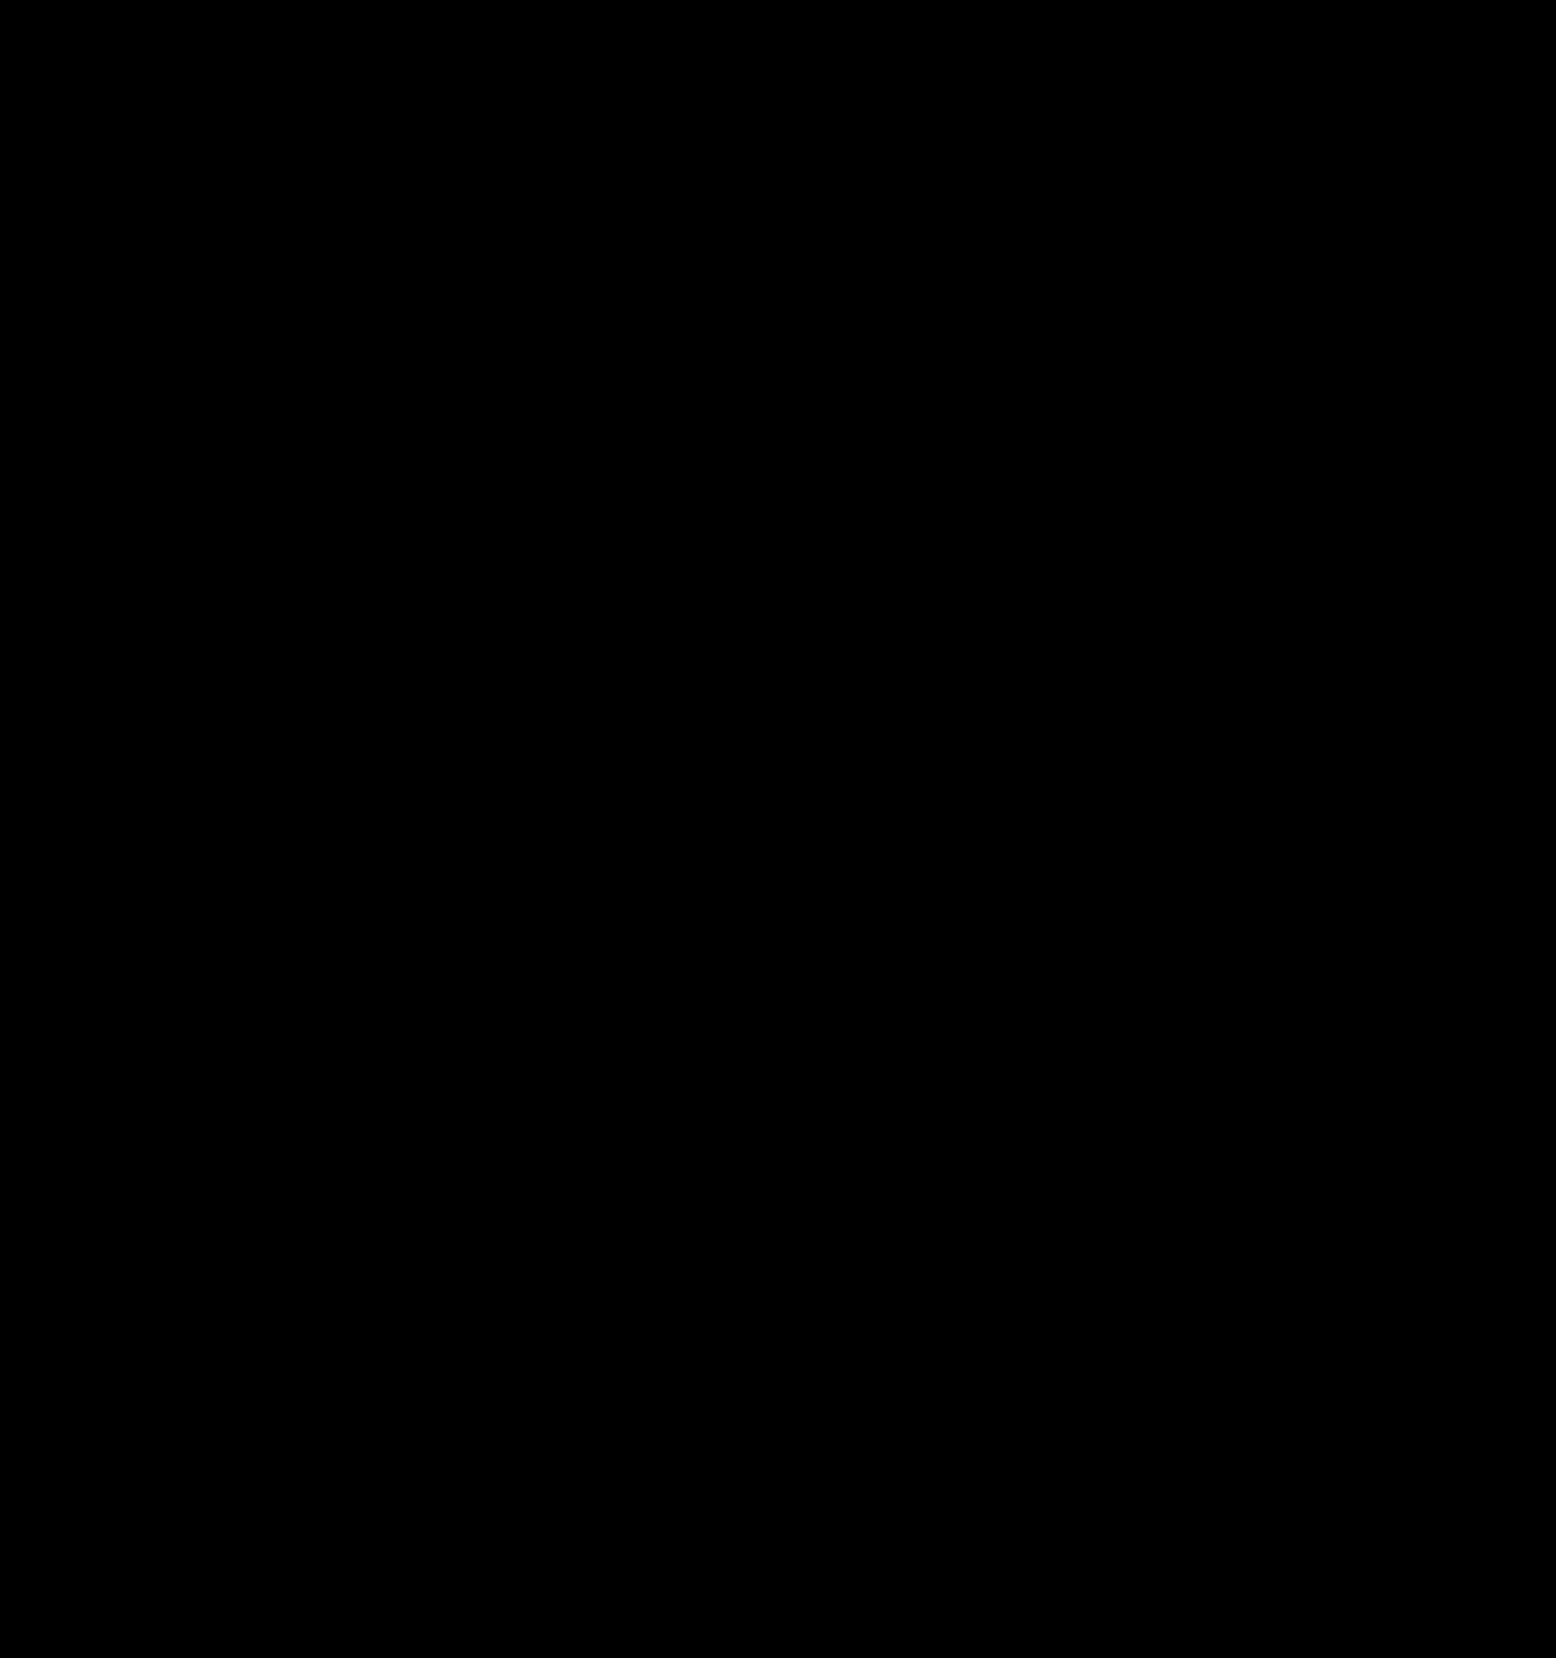 SGI-110 (sodium salt)